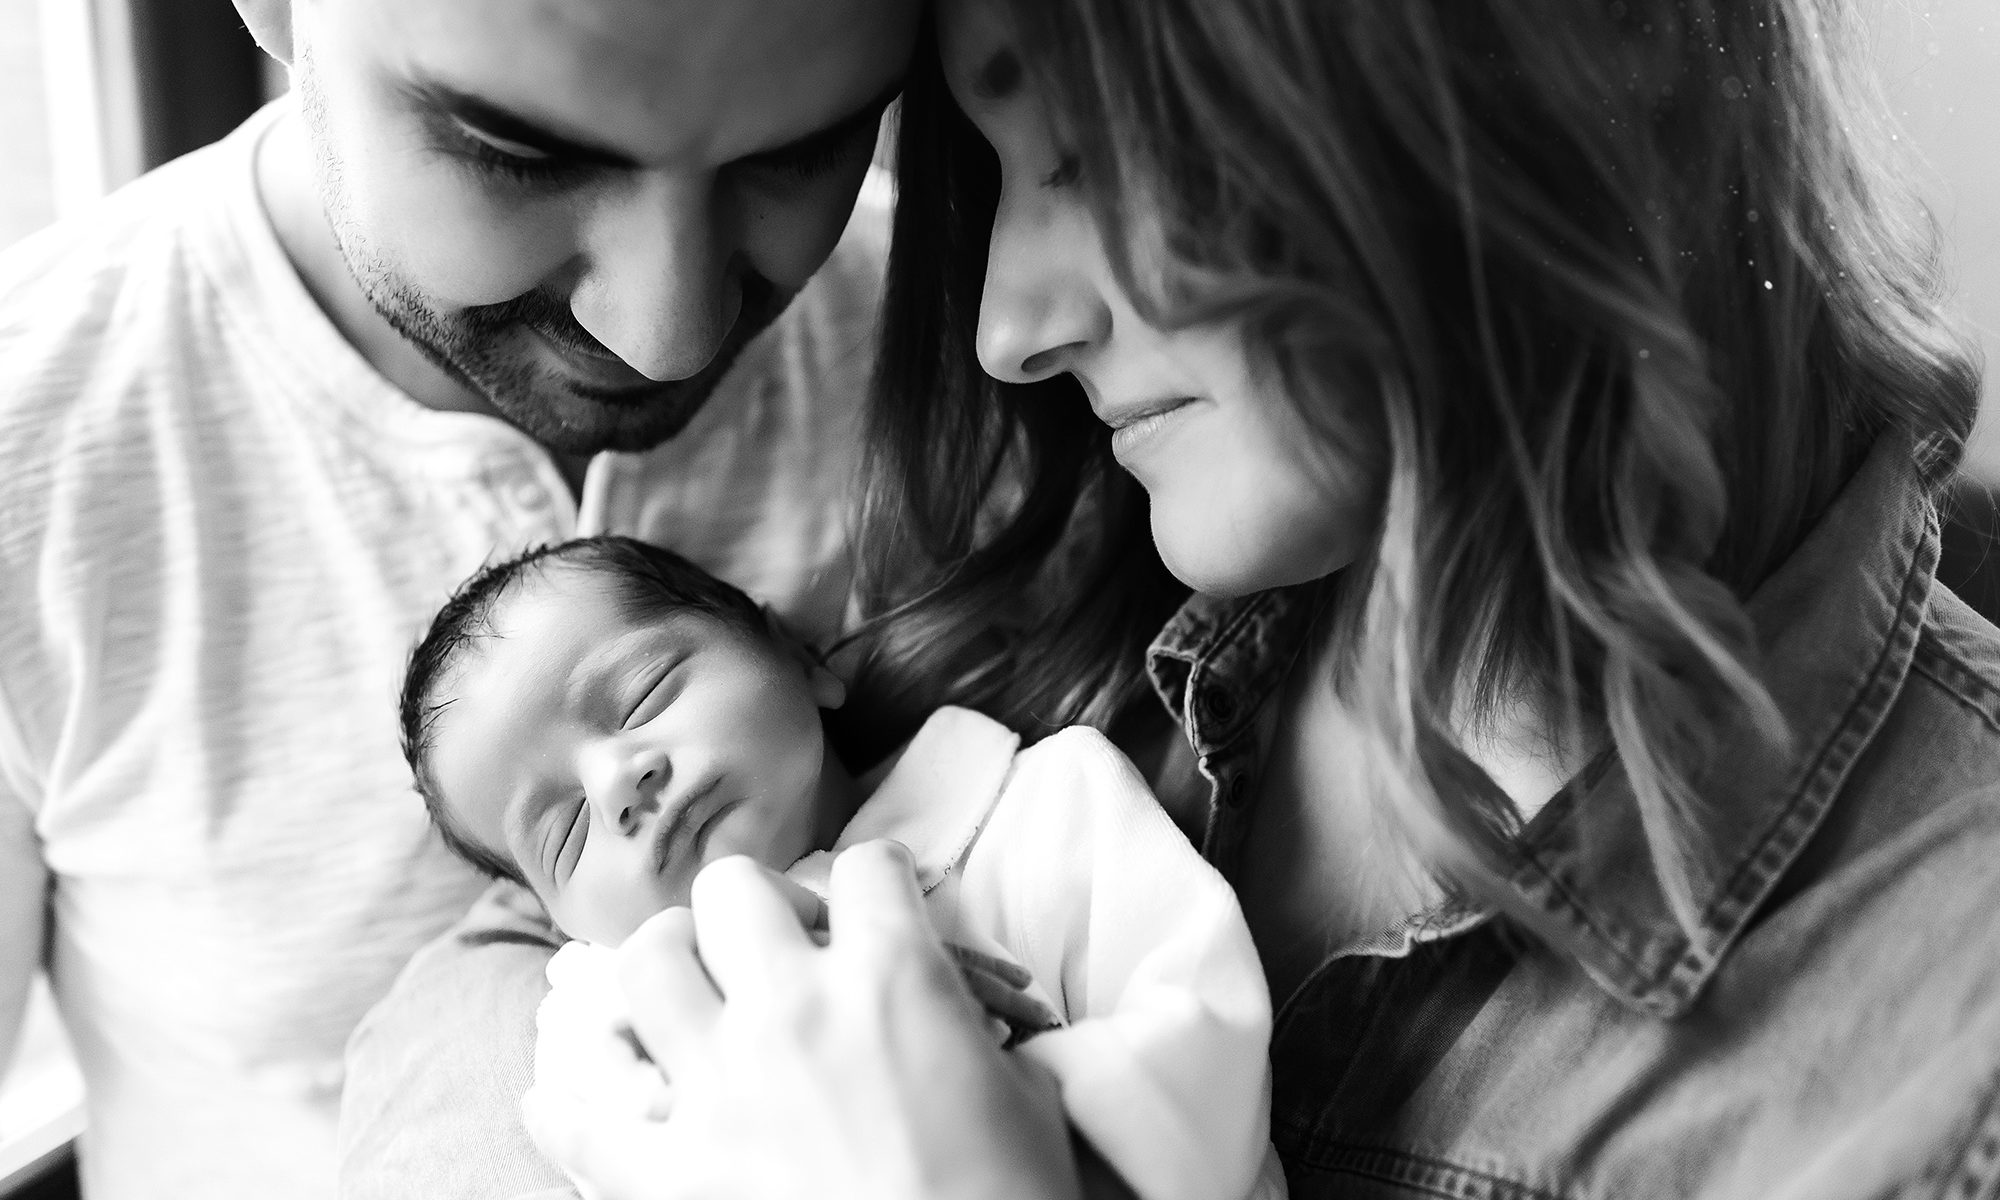 donner naissance, accouchement, mettre au monde, sage-femme, doula, future maman, enceinte, mère, maman, accompagnement naissance, Liege